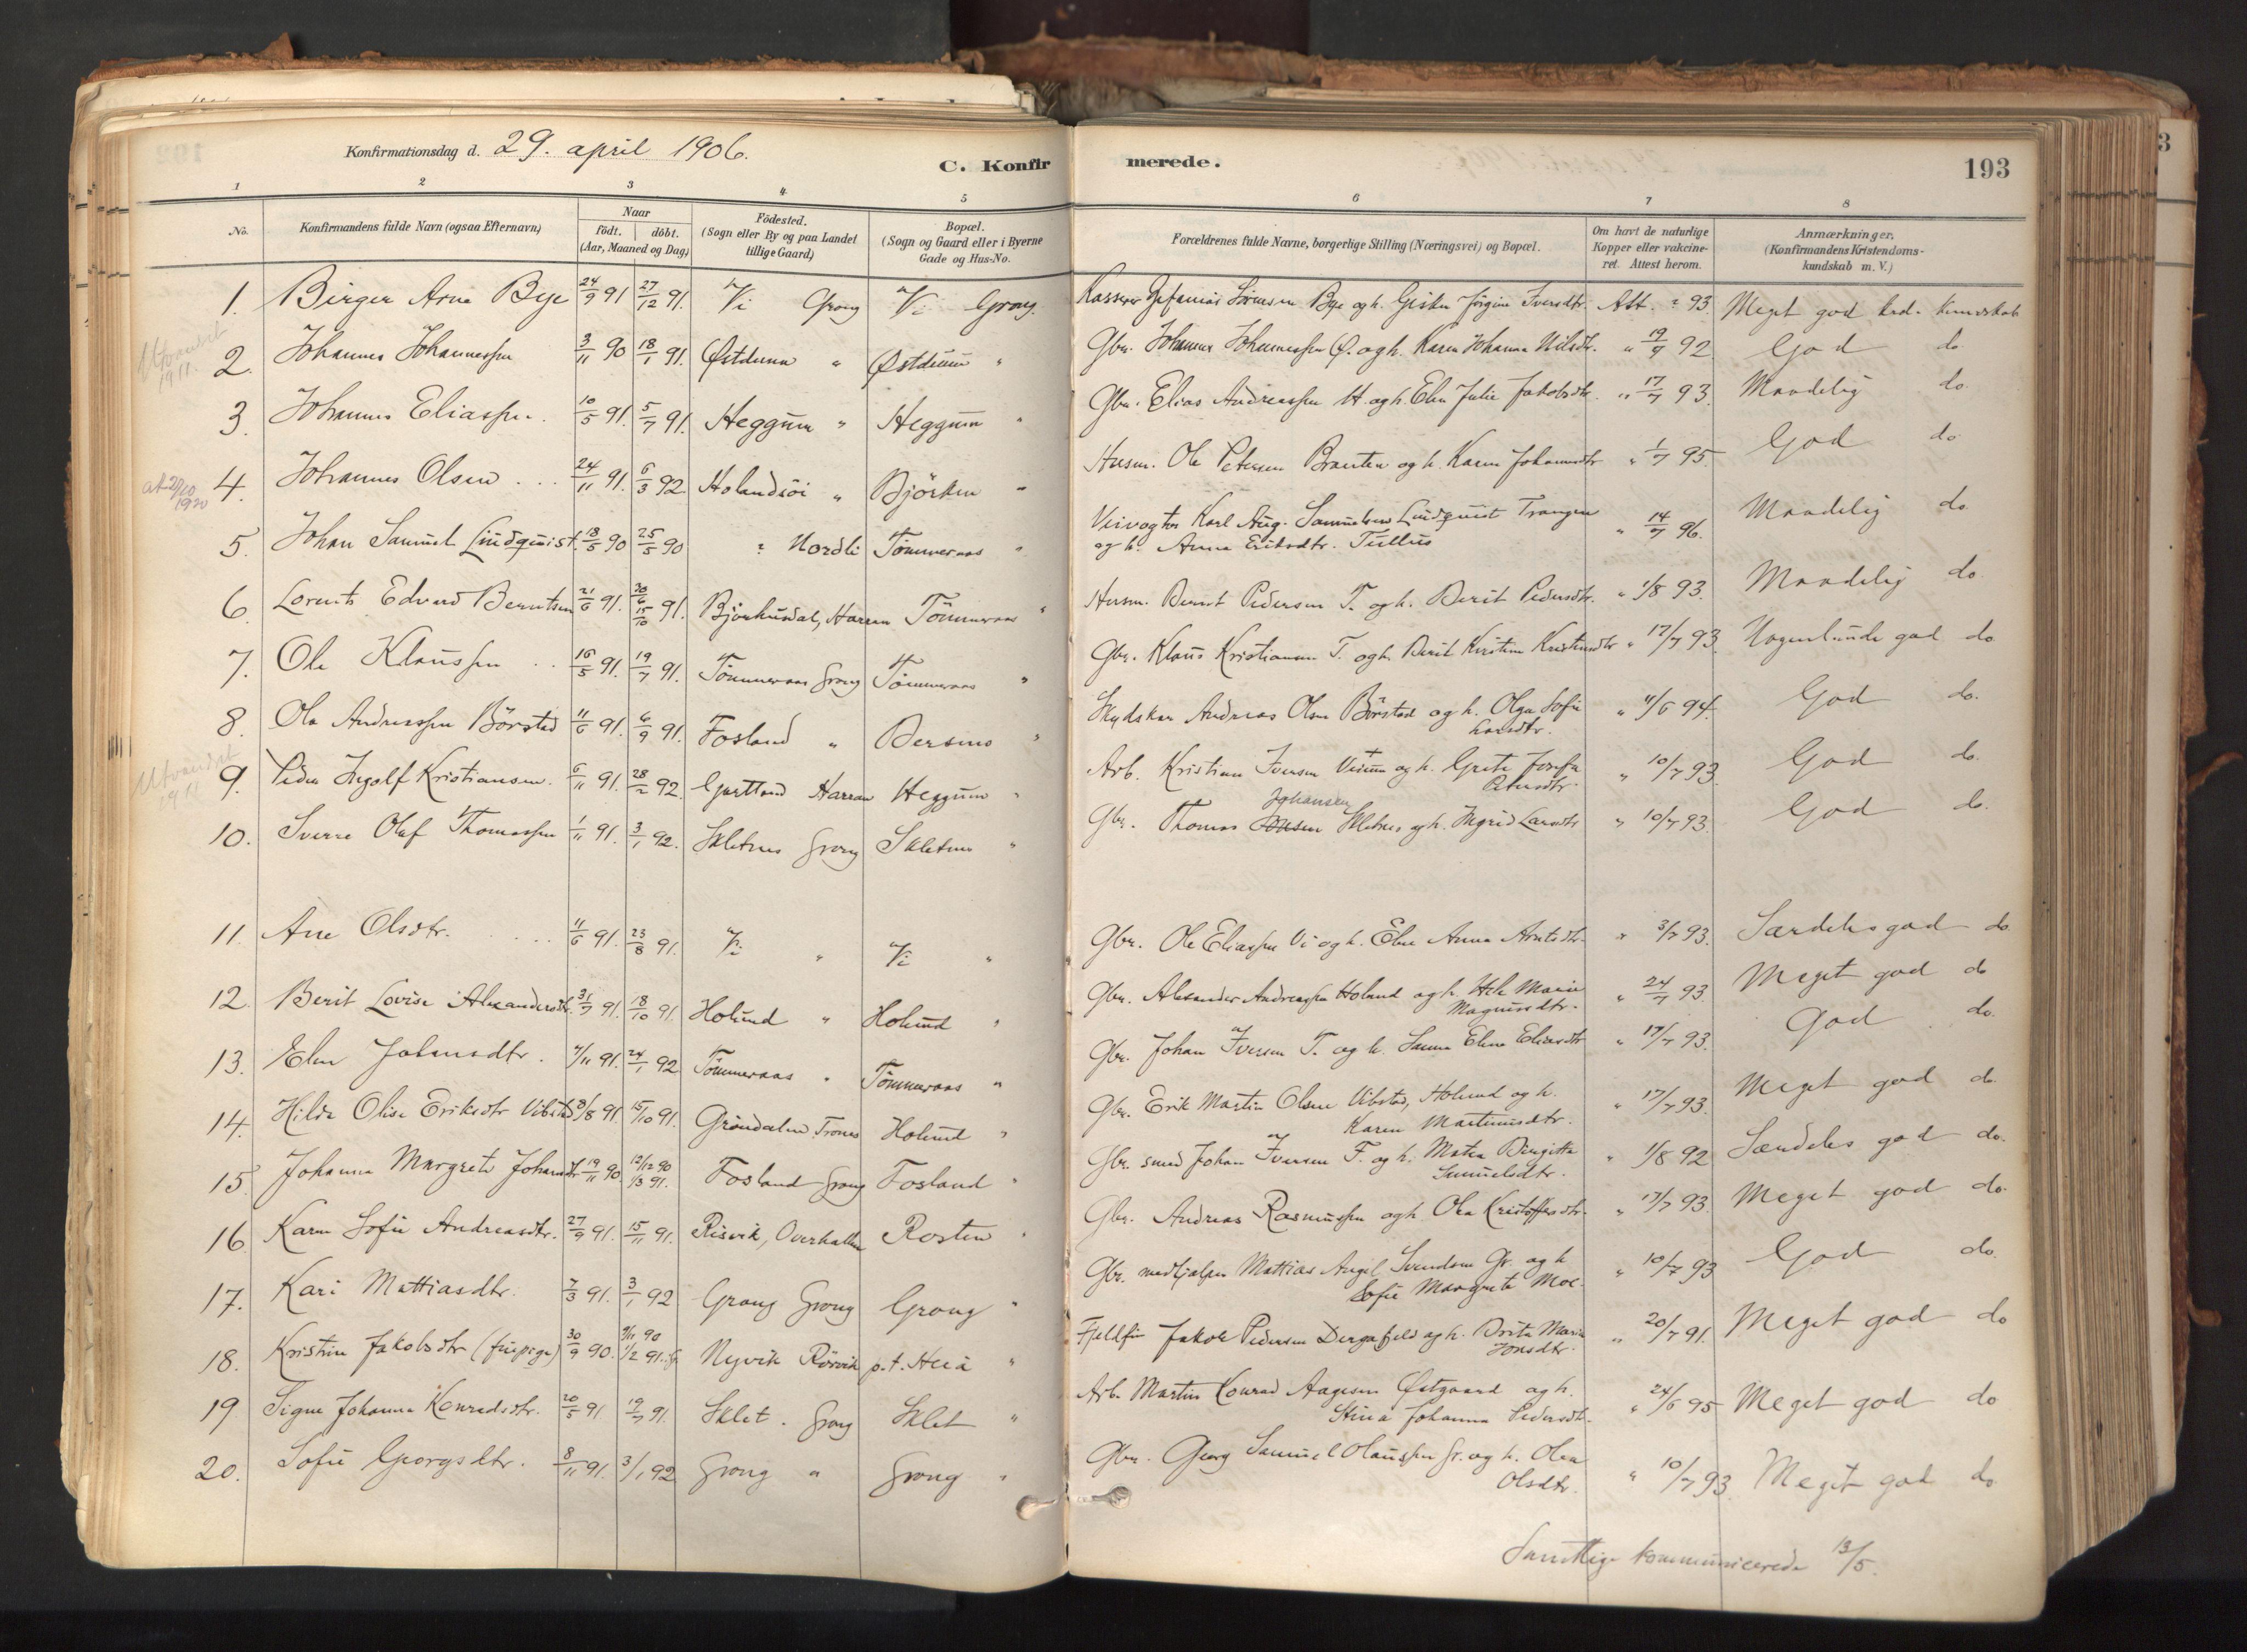 SAT, Ministerialprotokoller, klokkerbøker og fødselsregistre - Nord-Trøndelag, 758/L0519: Ministerialbok nr. 758A04, 1880-1926, s. 193